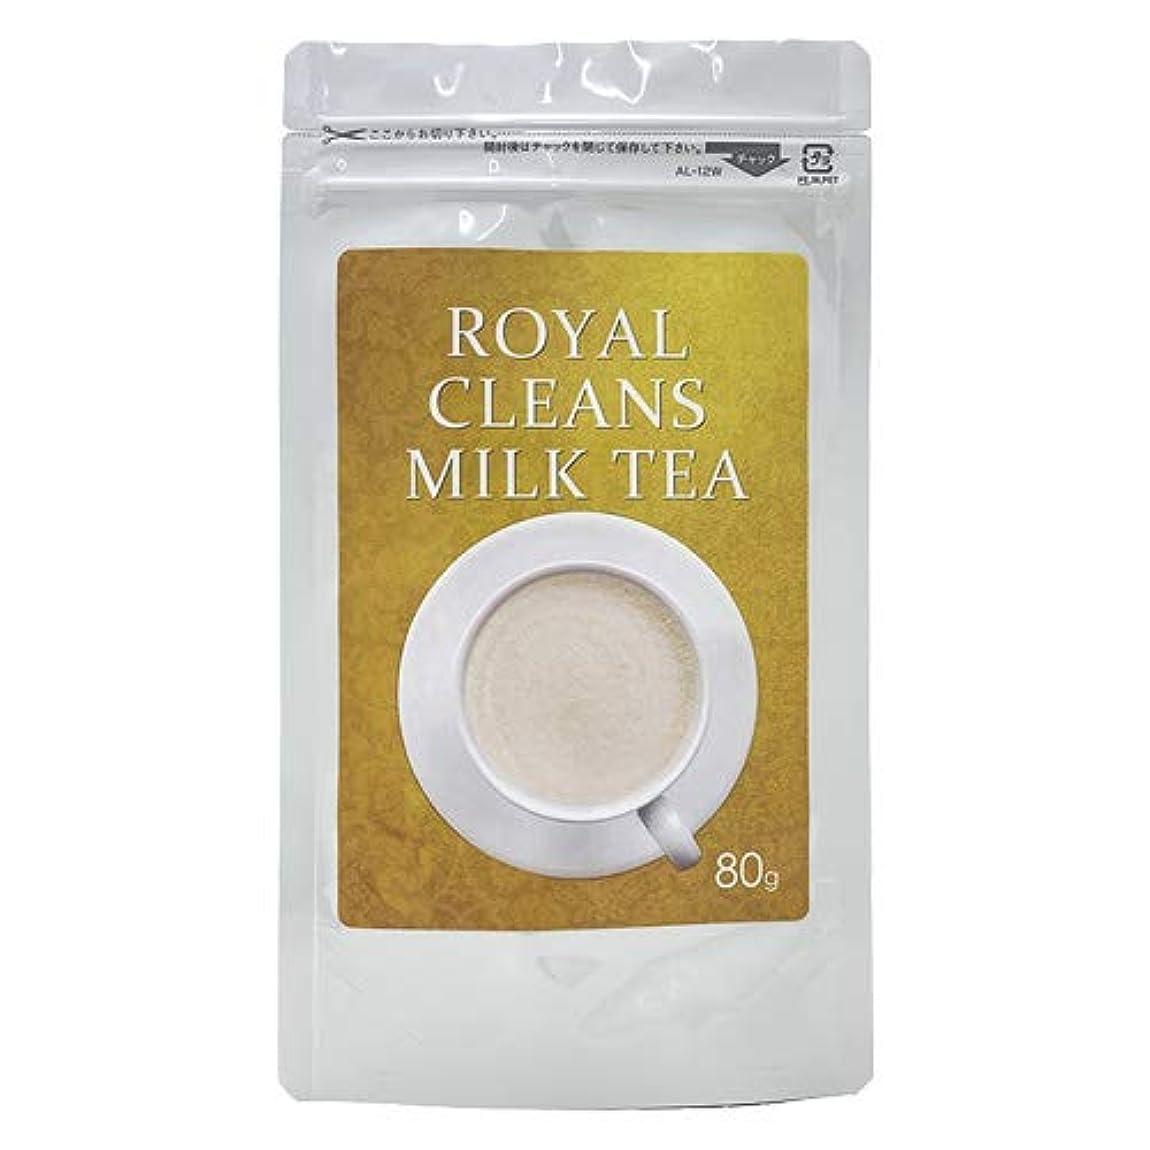 メダル希少性剥ぎ取るロイヤルクレンズミルクティー/Royal cleans milk tea 80g